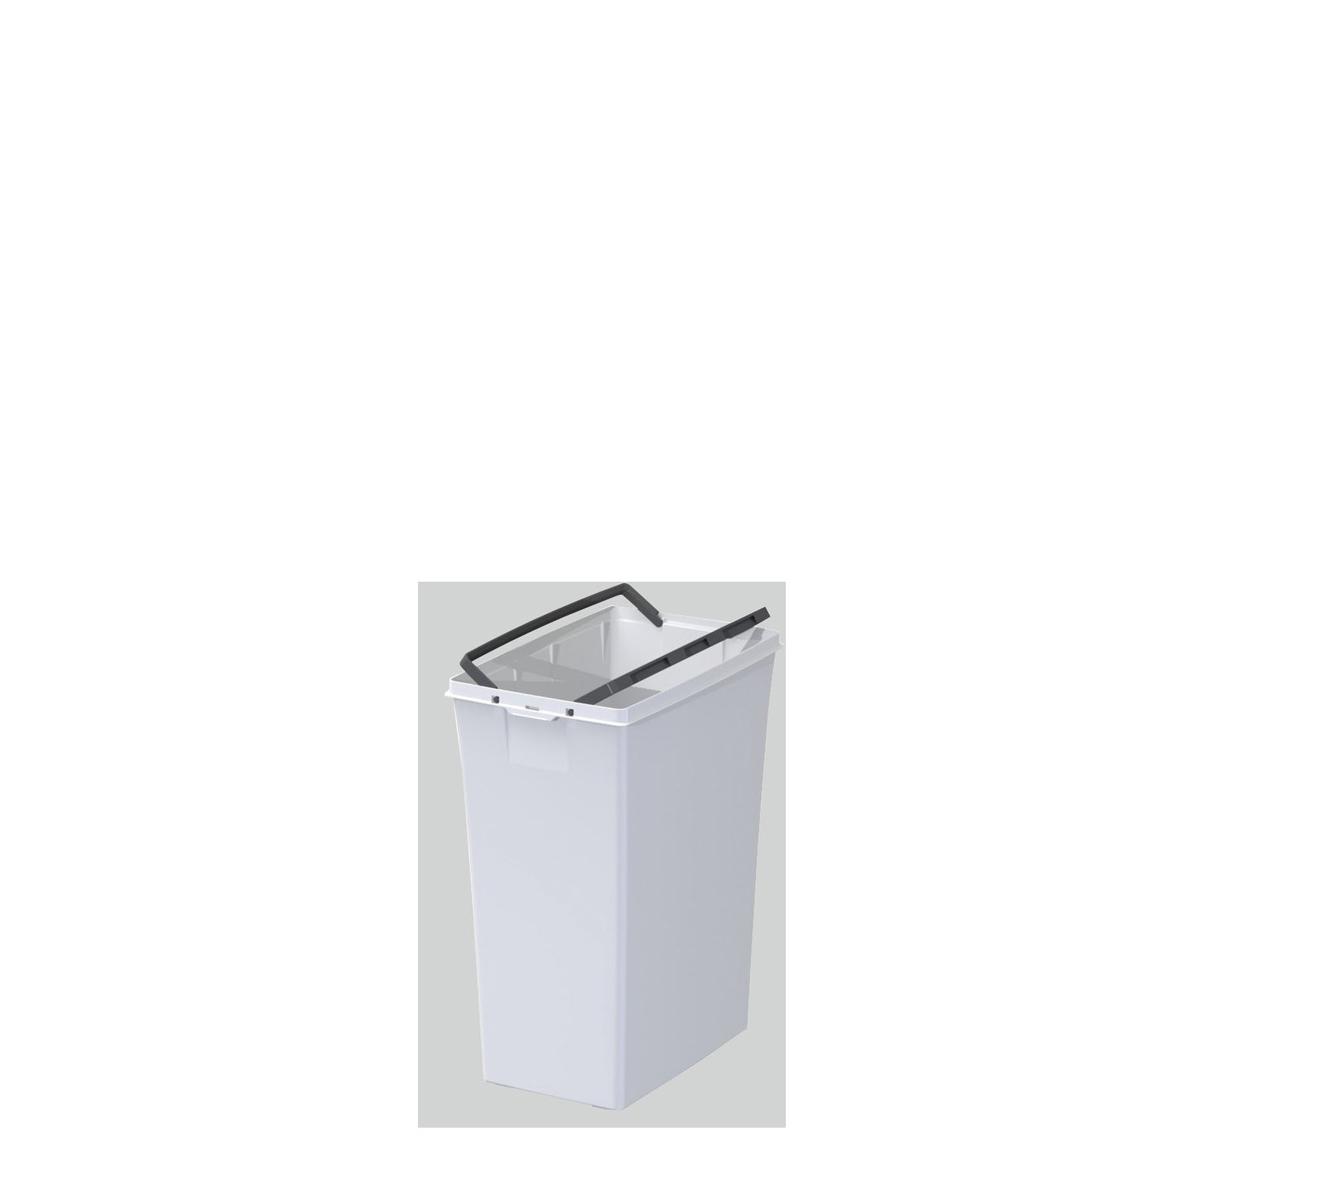 エコン ダストボックス 本体 #70 【厨房用品 清掃用品 ゴミ箱 ペール バケツ 業務用 販売 通販】 [7-1329-0203 6-1270-0103 ]